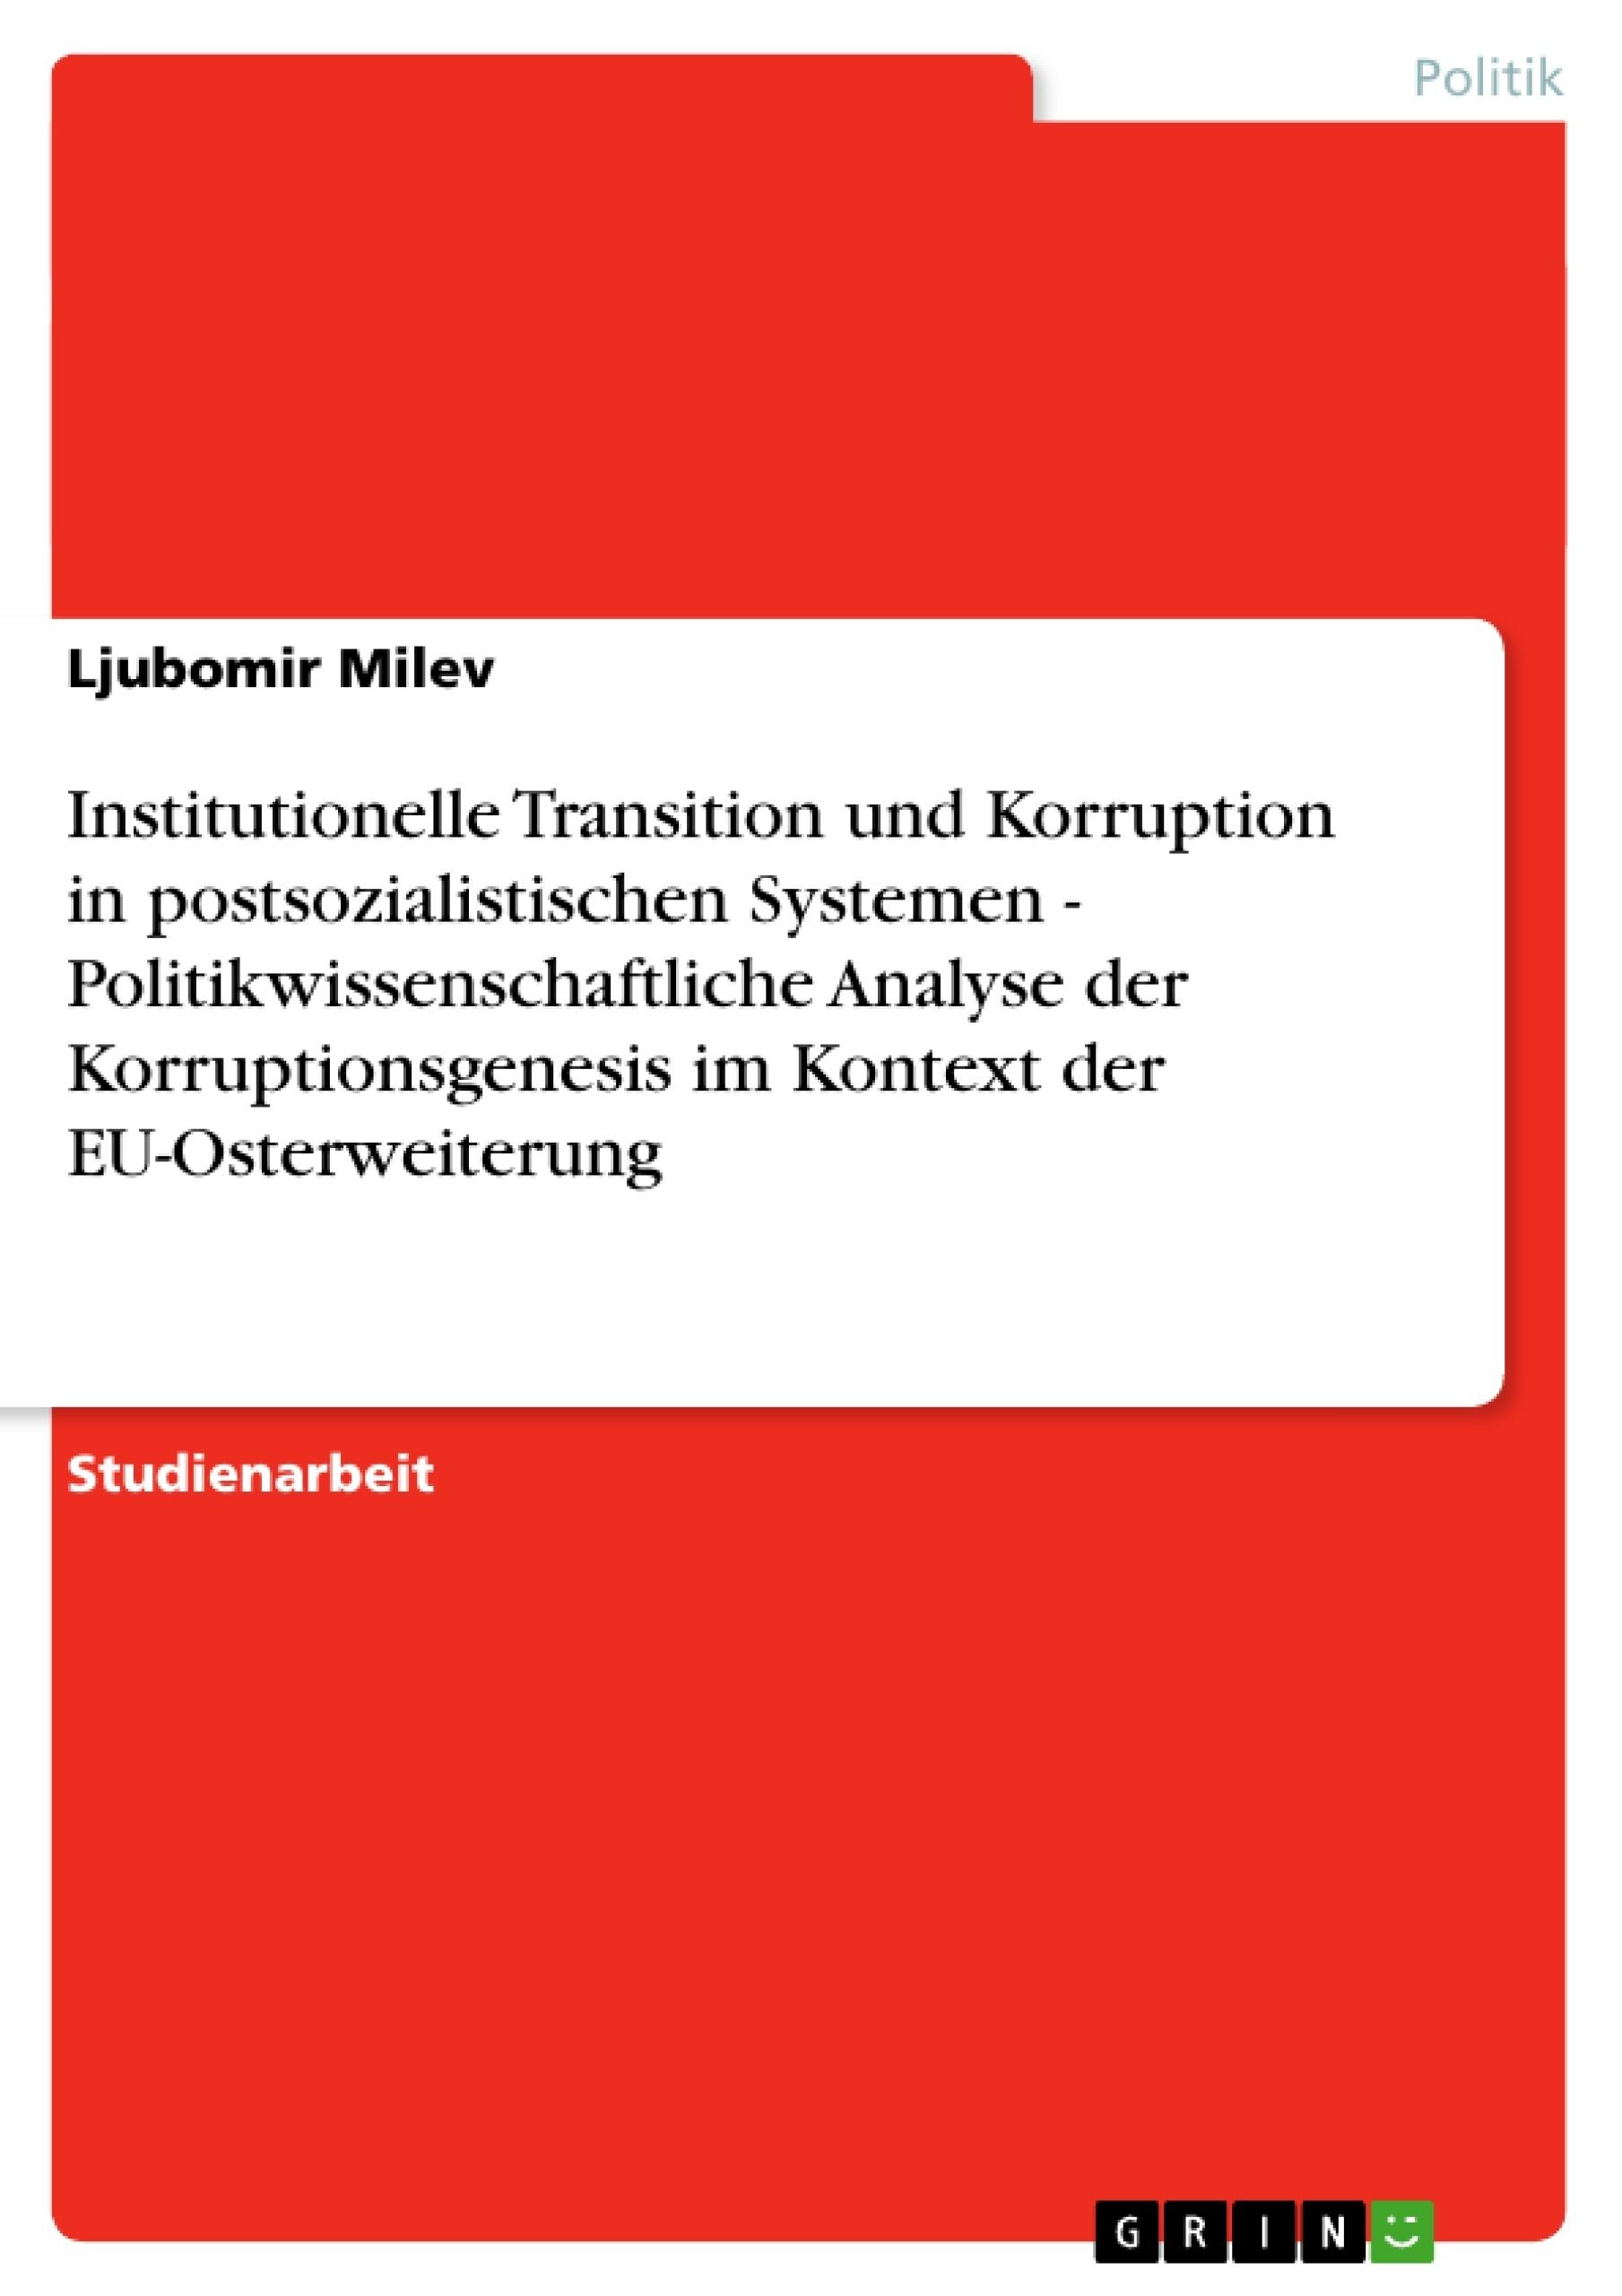 Titel: Institutionelle Transition und Korruption in postsozialistischen Systemen - Politikwissenschaftliche Analyse der Korruptionsgenesis im Kontext der EU-Osterweiterung